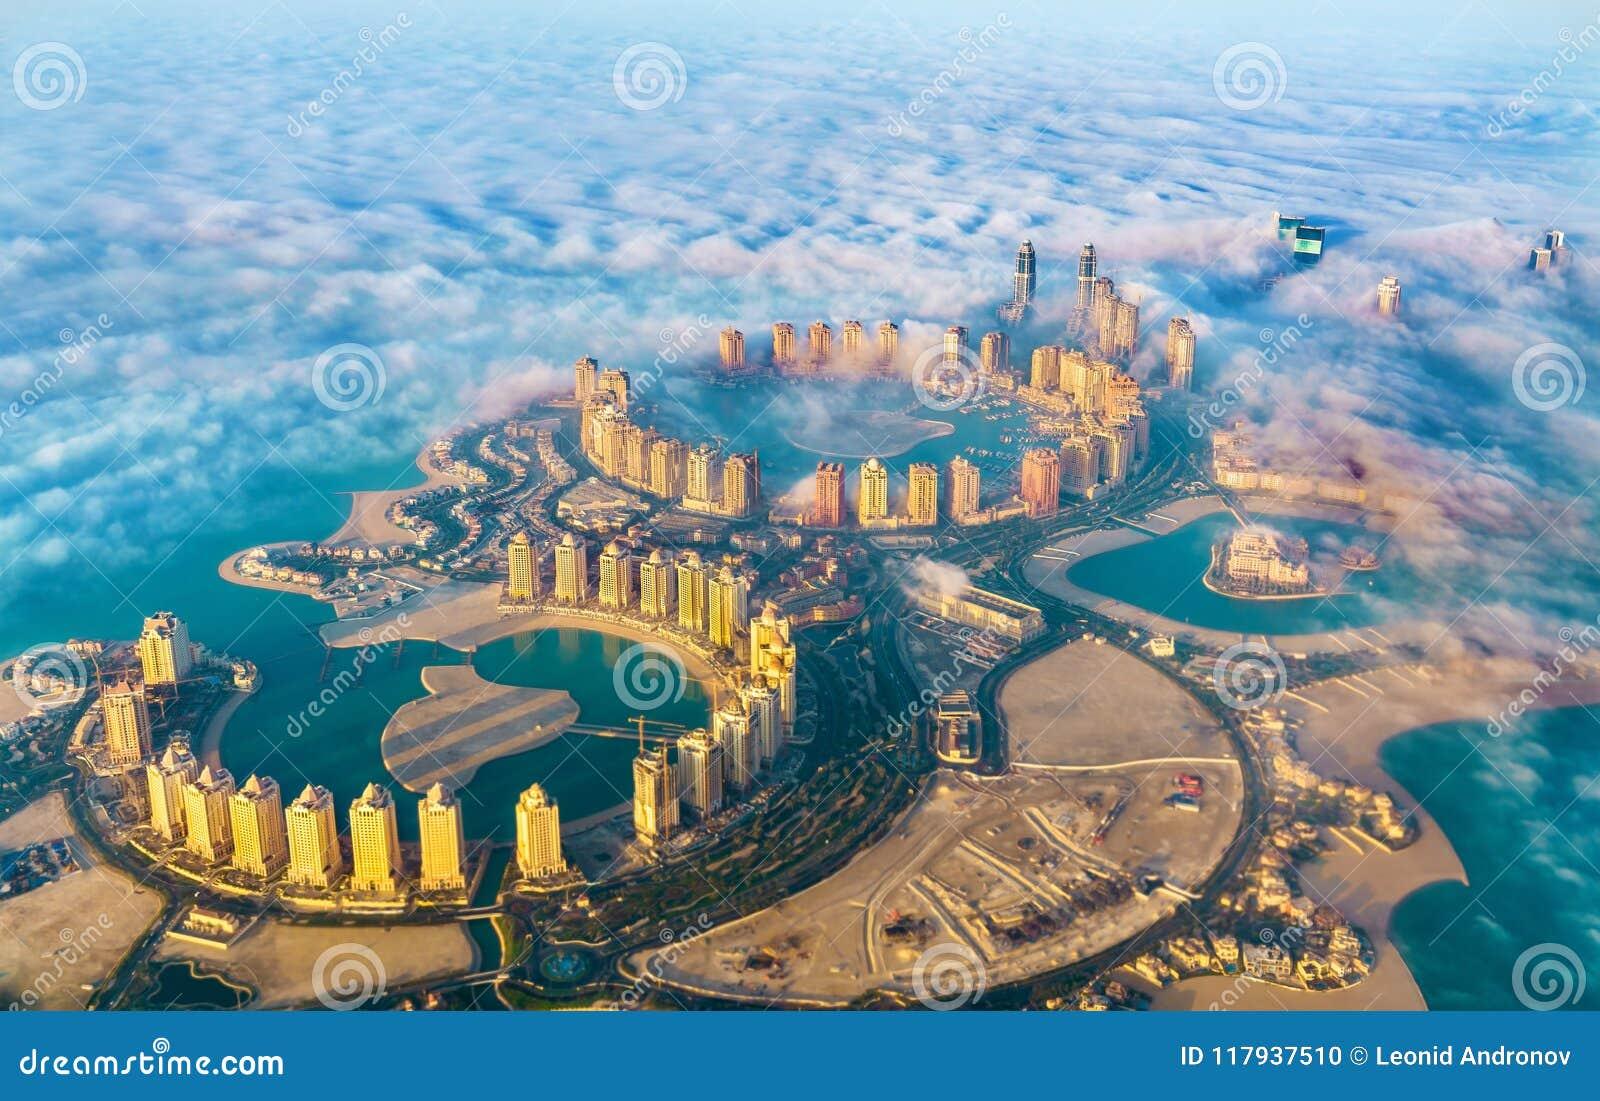 Vista aérea da ilha de Pérola-Catar em Doha através da névoa da manhã - Catar, o Golfo Pérsico